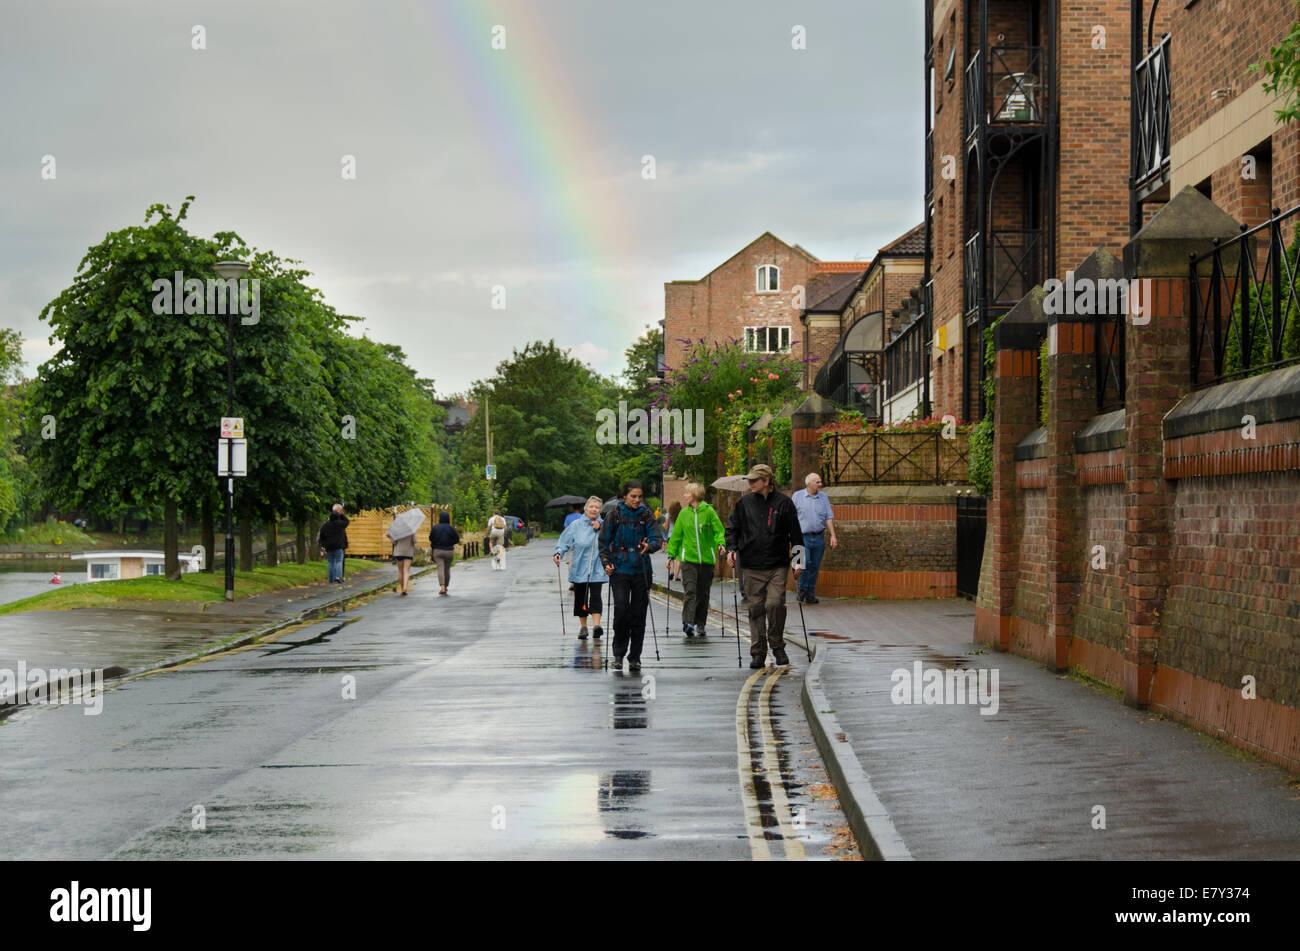 En haut arc-en-ciel nuageux gris après une averse soudaine de pluie & wet personnes marchant sur Riverside Road, York, North Yorkshire, Angleterre, Royaume-Uni, Banque D'Images